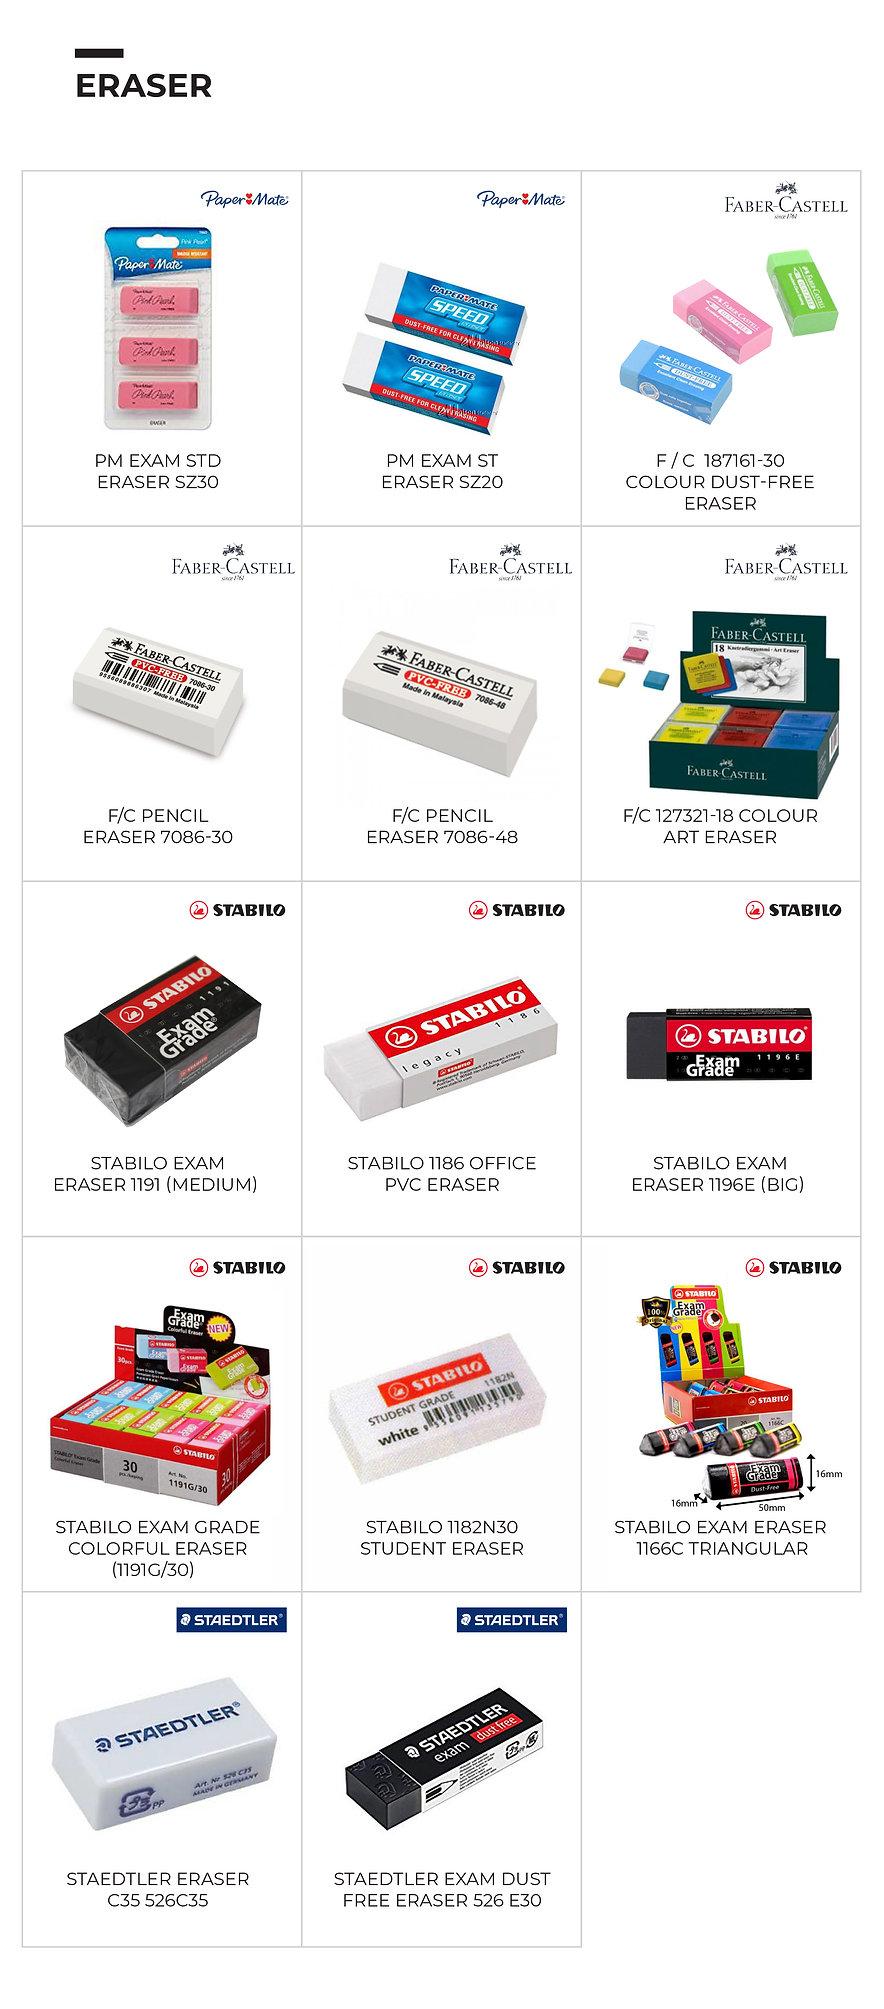 accessories-1.jpg